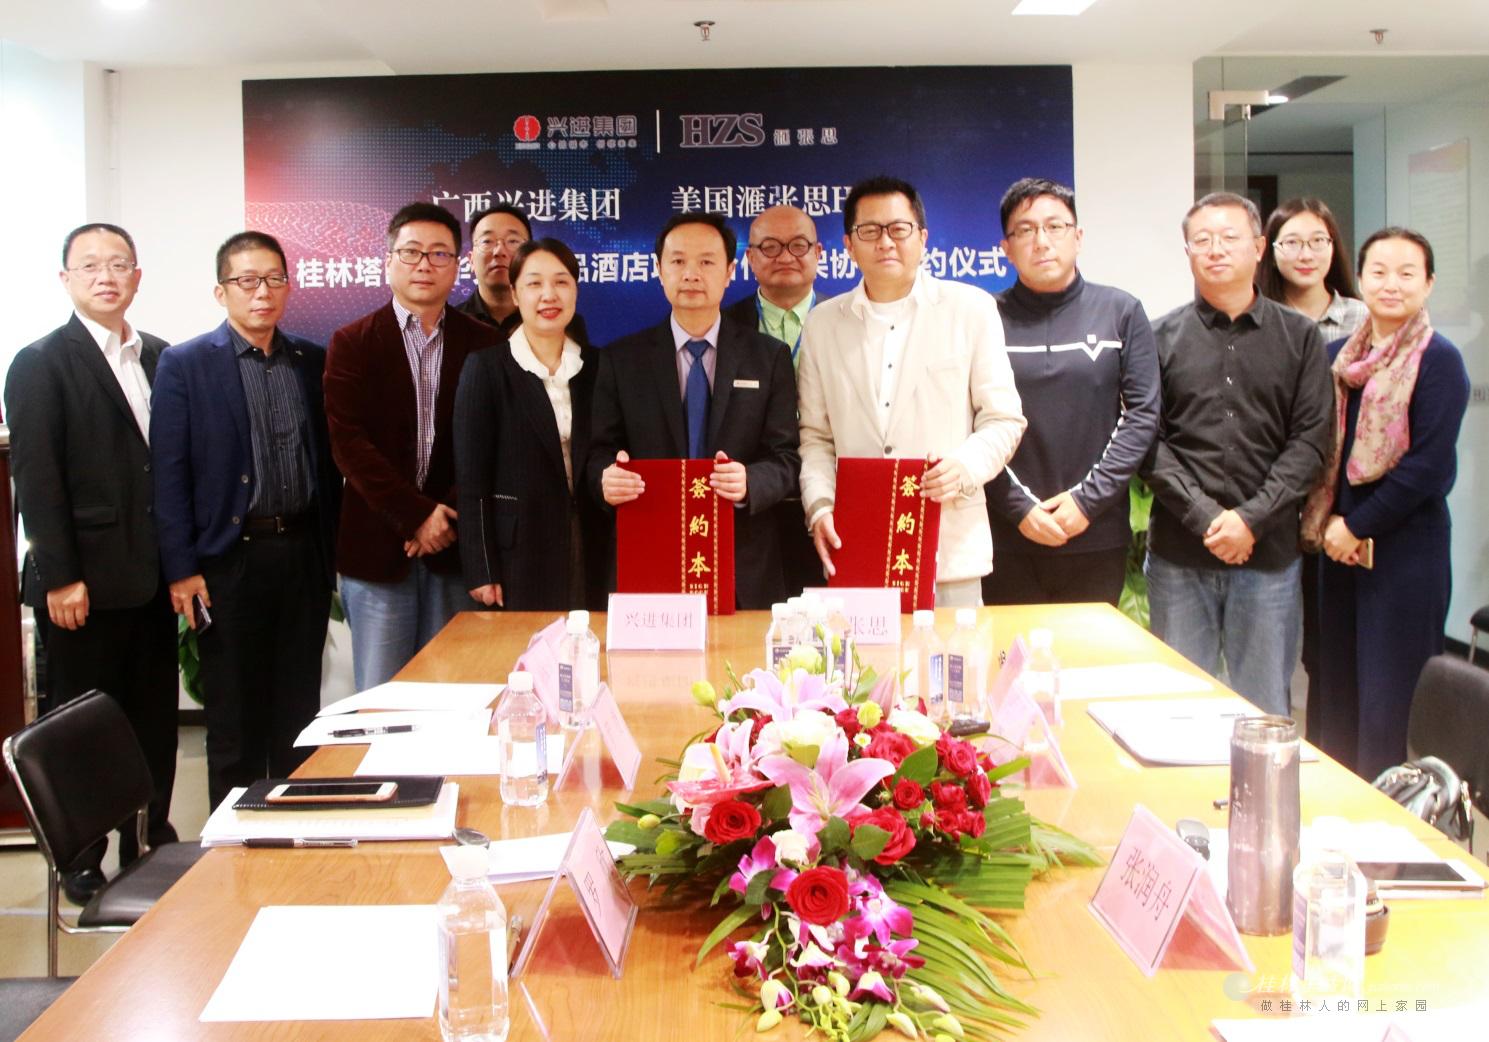 大众娱乐平台塔山奢华文化酒店合作框架协议签约成功